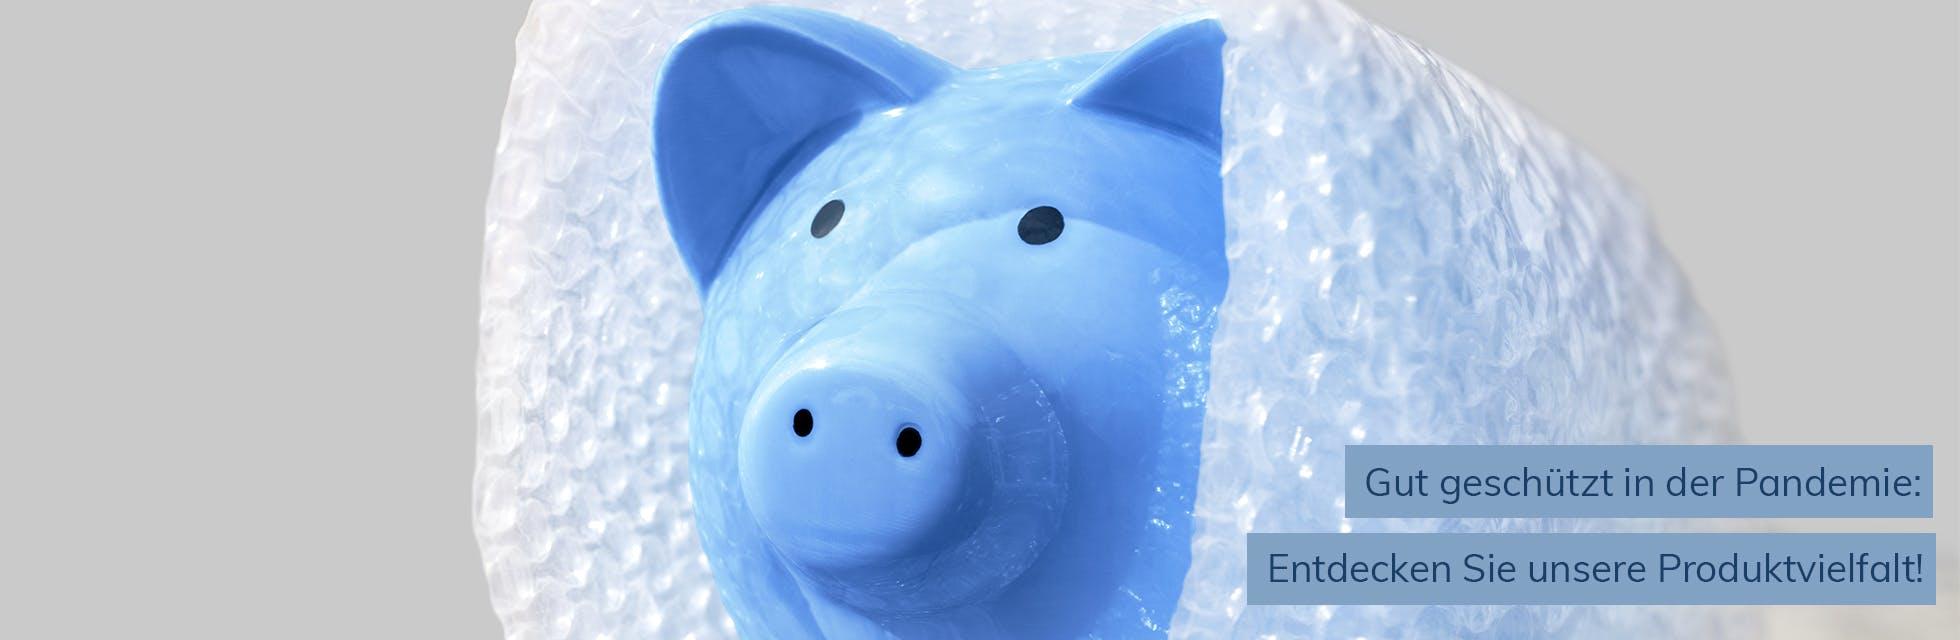 blaues Sparschwein in Luftpolsterfolie - Pandemieartikel